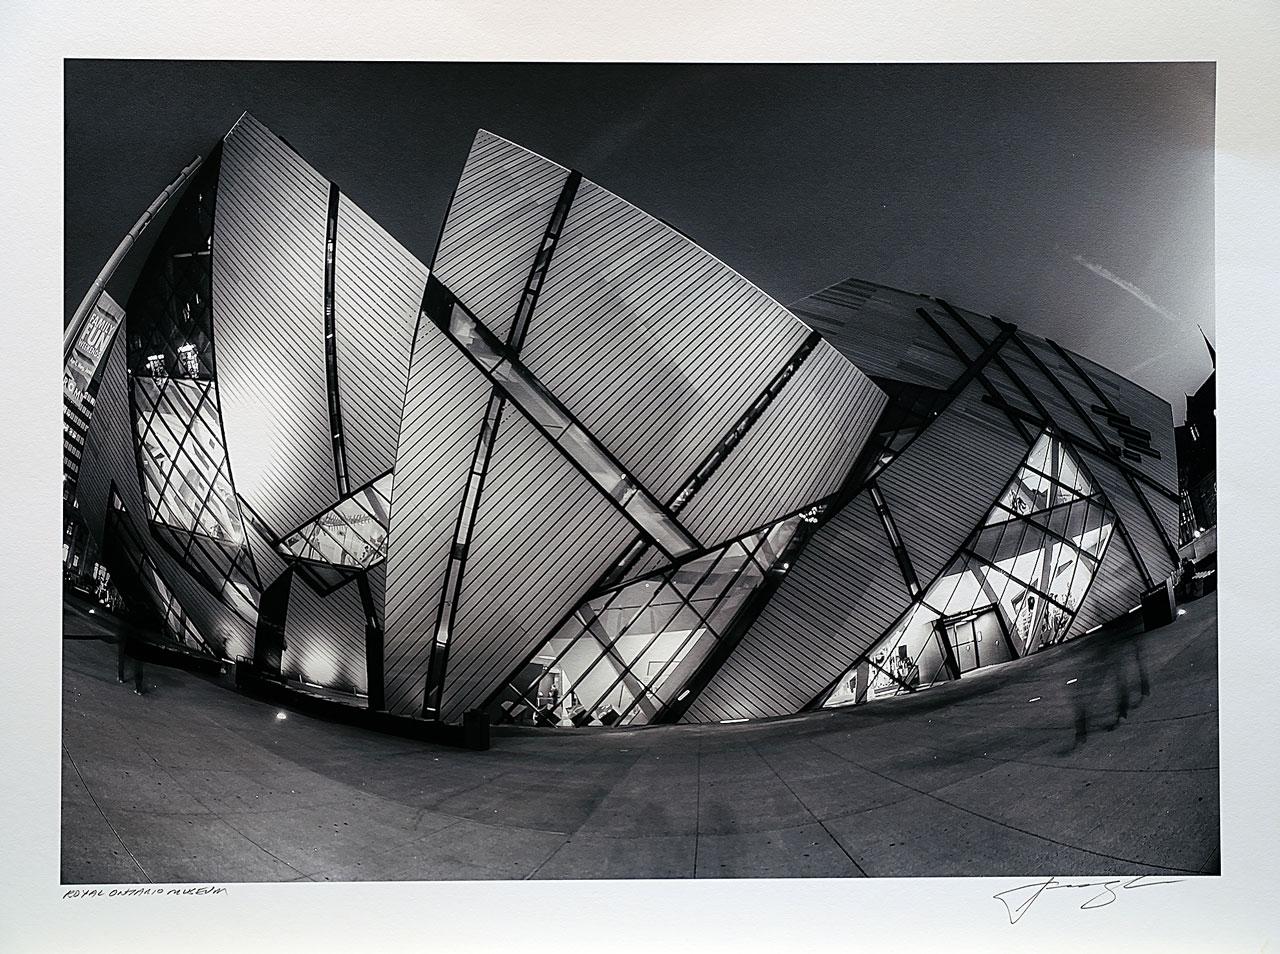 print-Canada-Ontario-Toronto-royal-ontario-museum